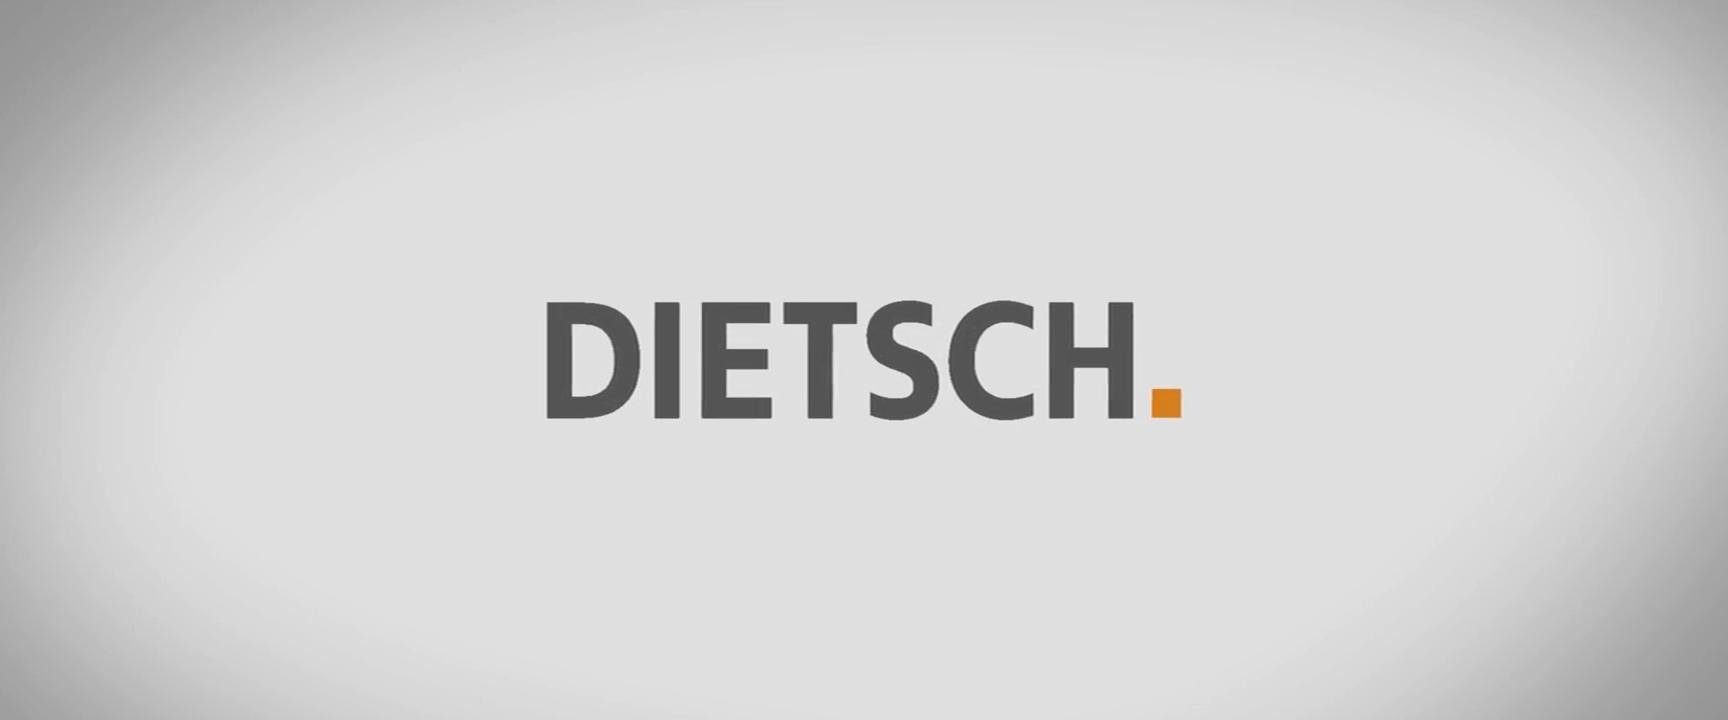 Dietsch Polstermobel Gmbh Hersteller Qualitativ Hochwertiger